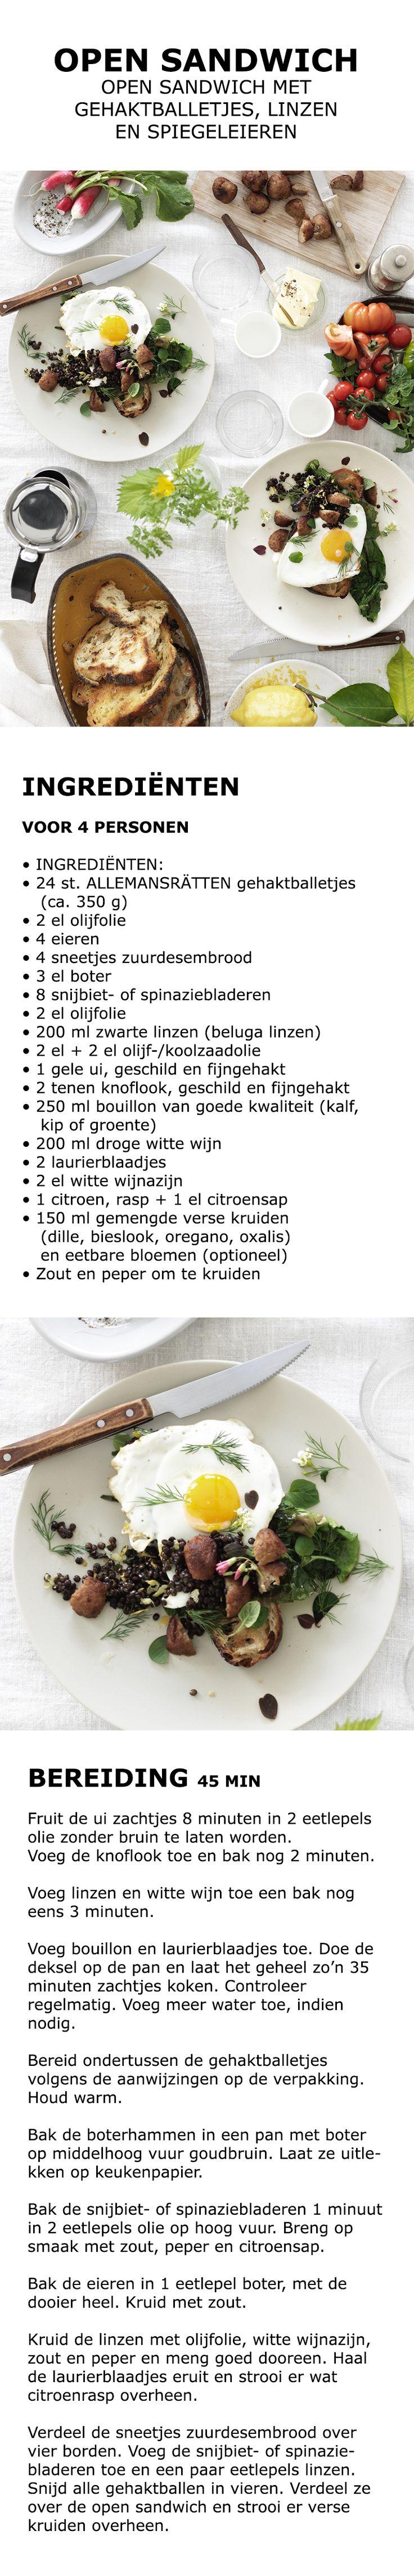 Inspiratie voor de feestdagen - Open sandwich met gehaktballetjes, linzen en spiegeleieren | IKEA IKEAnederland koken keuken recept herfst winter kerst diner lunch brood zuurdesem zuurdesembrood ei spinazi snijbiet witte wijn citroen kruiden